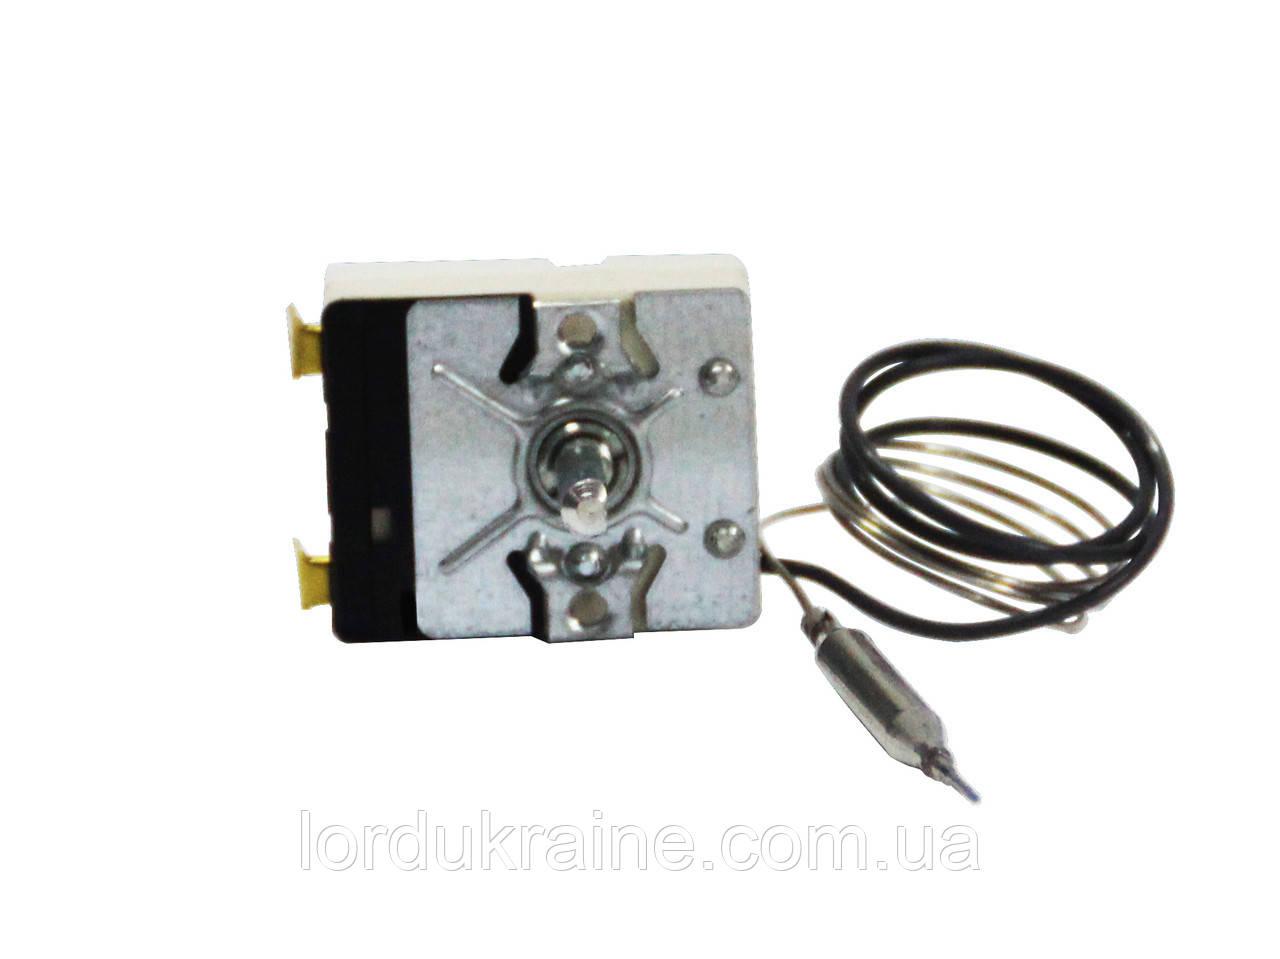 Терморегулятор капиллярный для фритюрницы EGO 190°C 55.13039.040